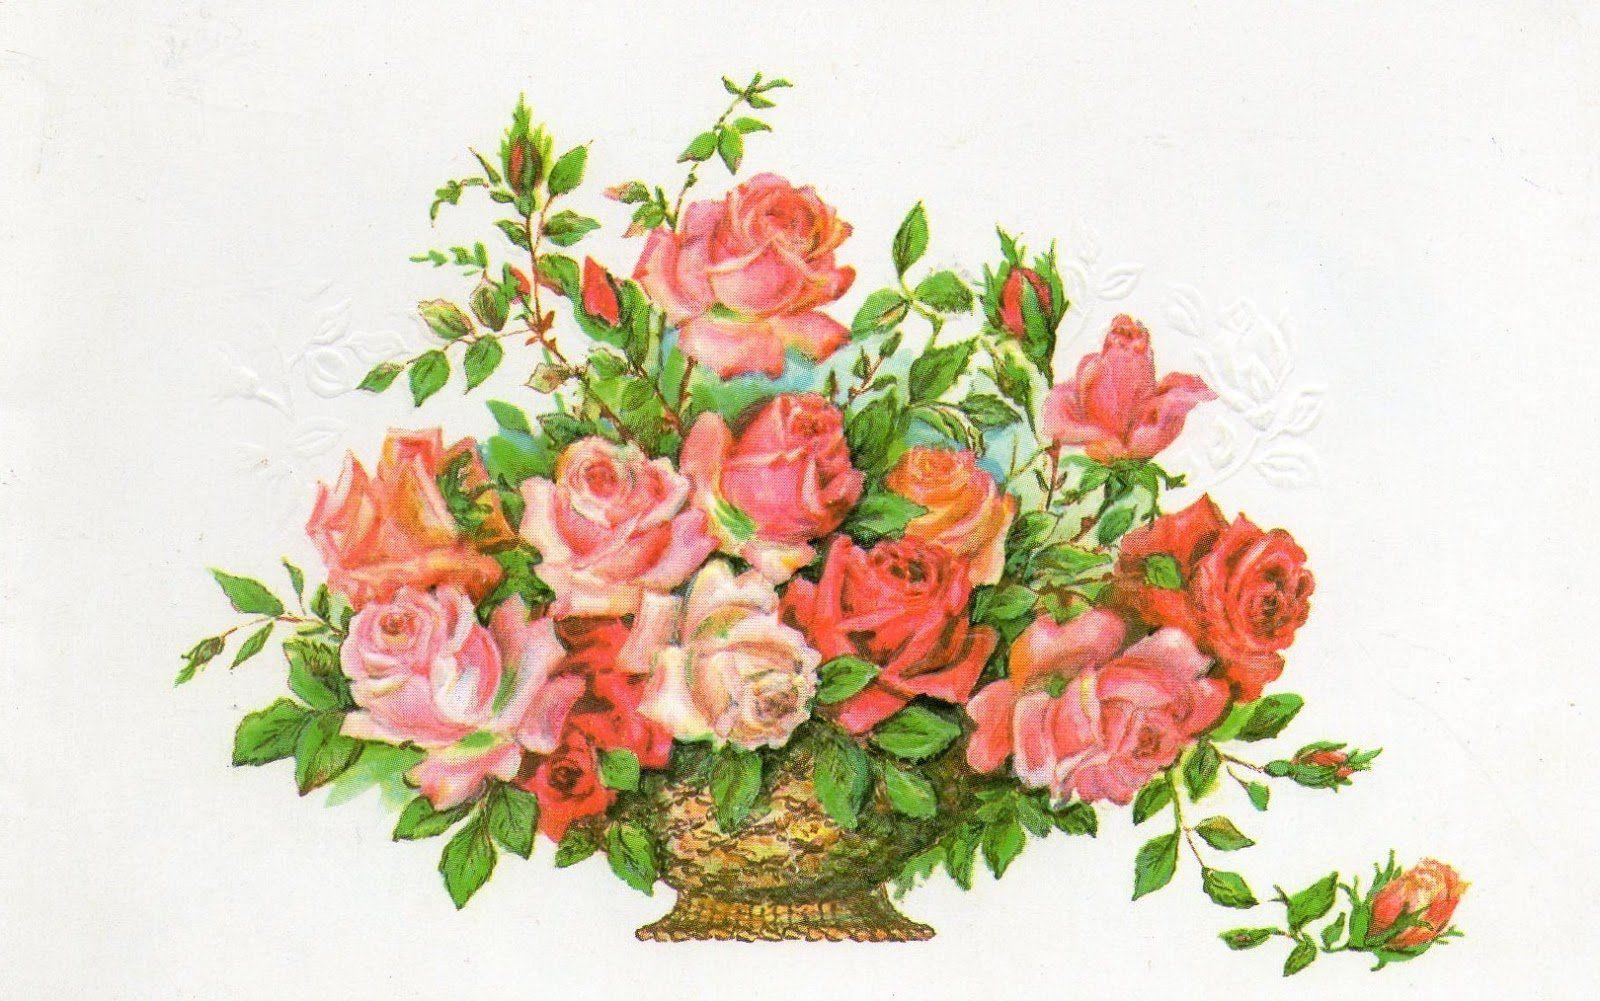 Картинки открыток на день рождения с цветами